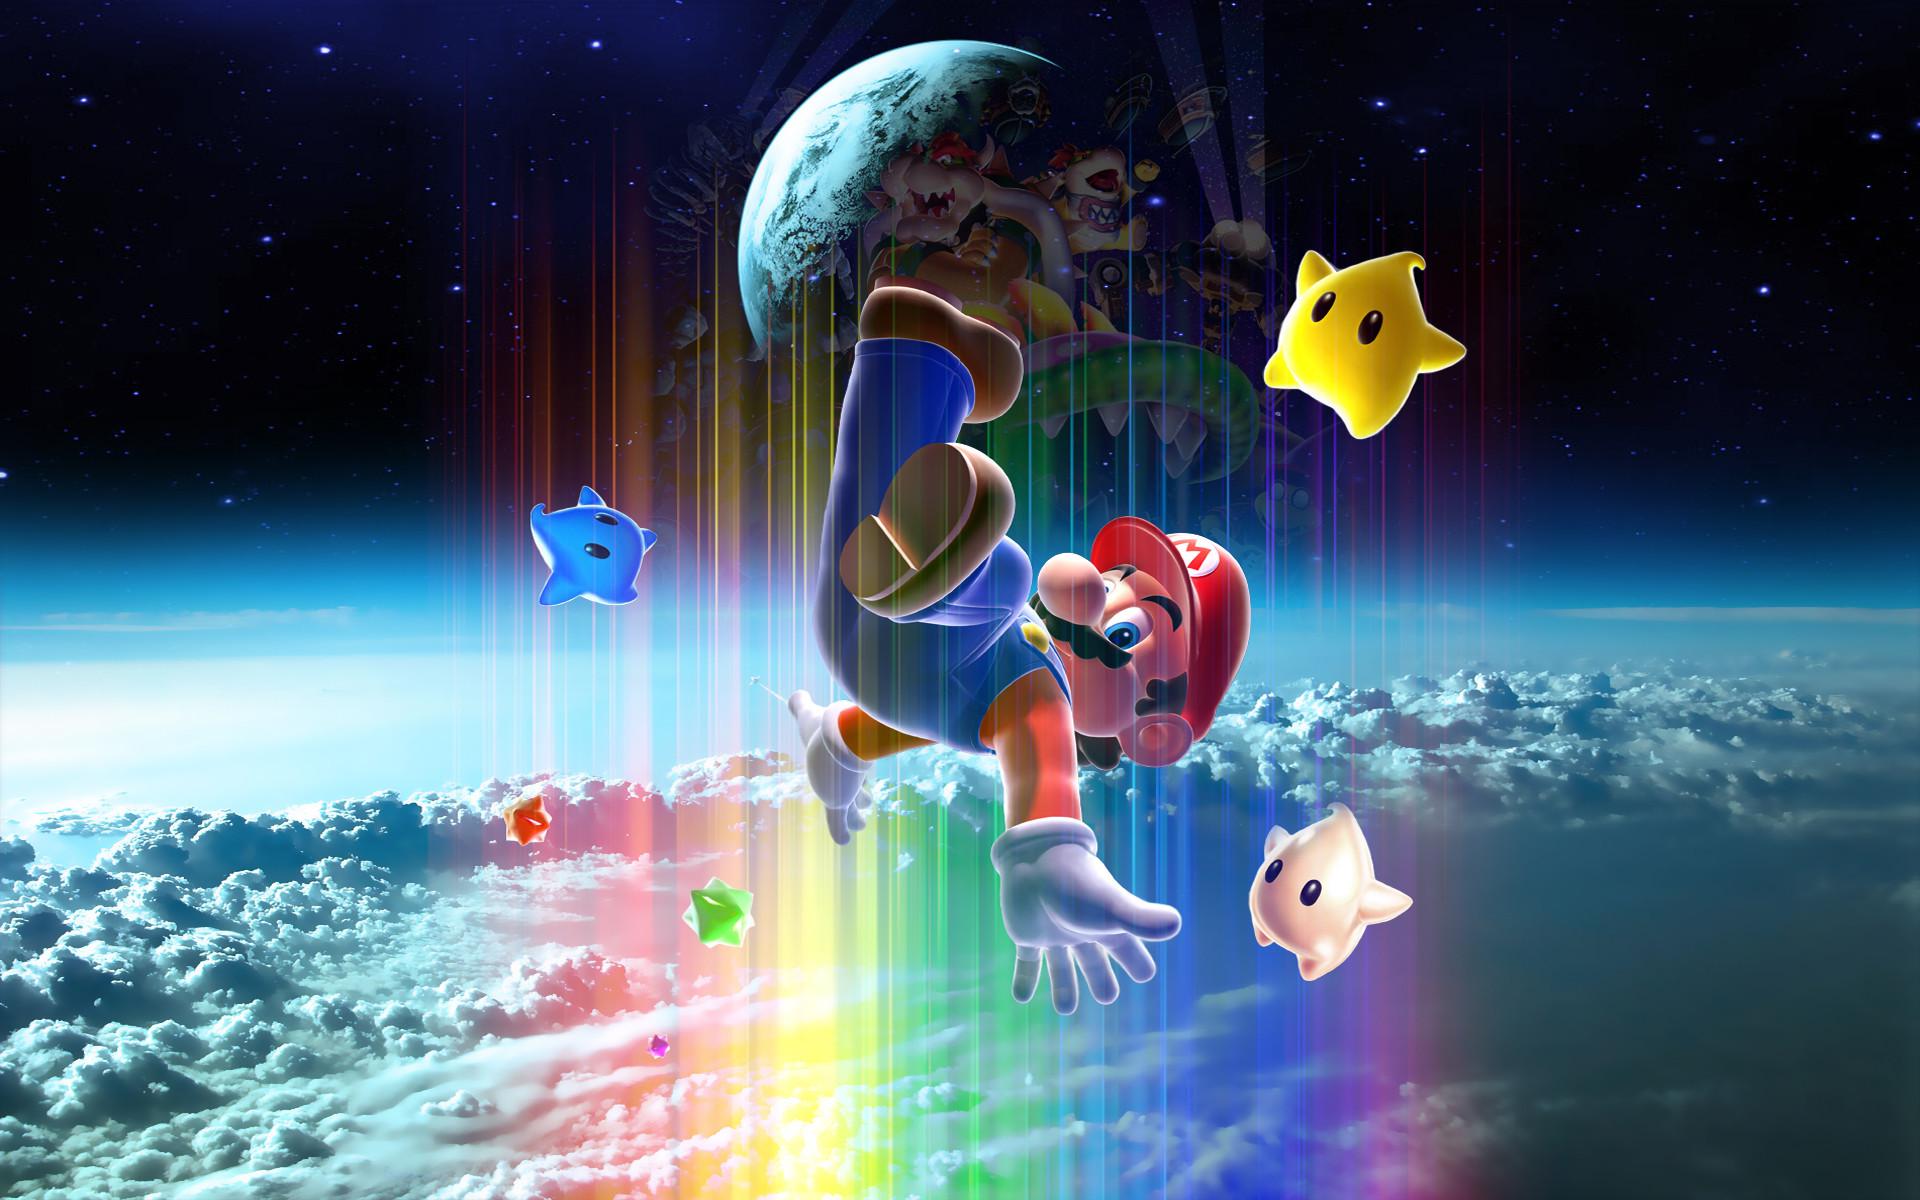 Super Mario Galaxy Wallpaper HD